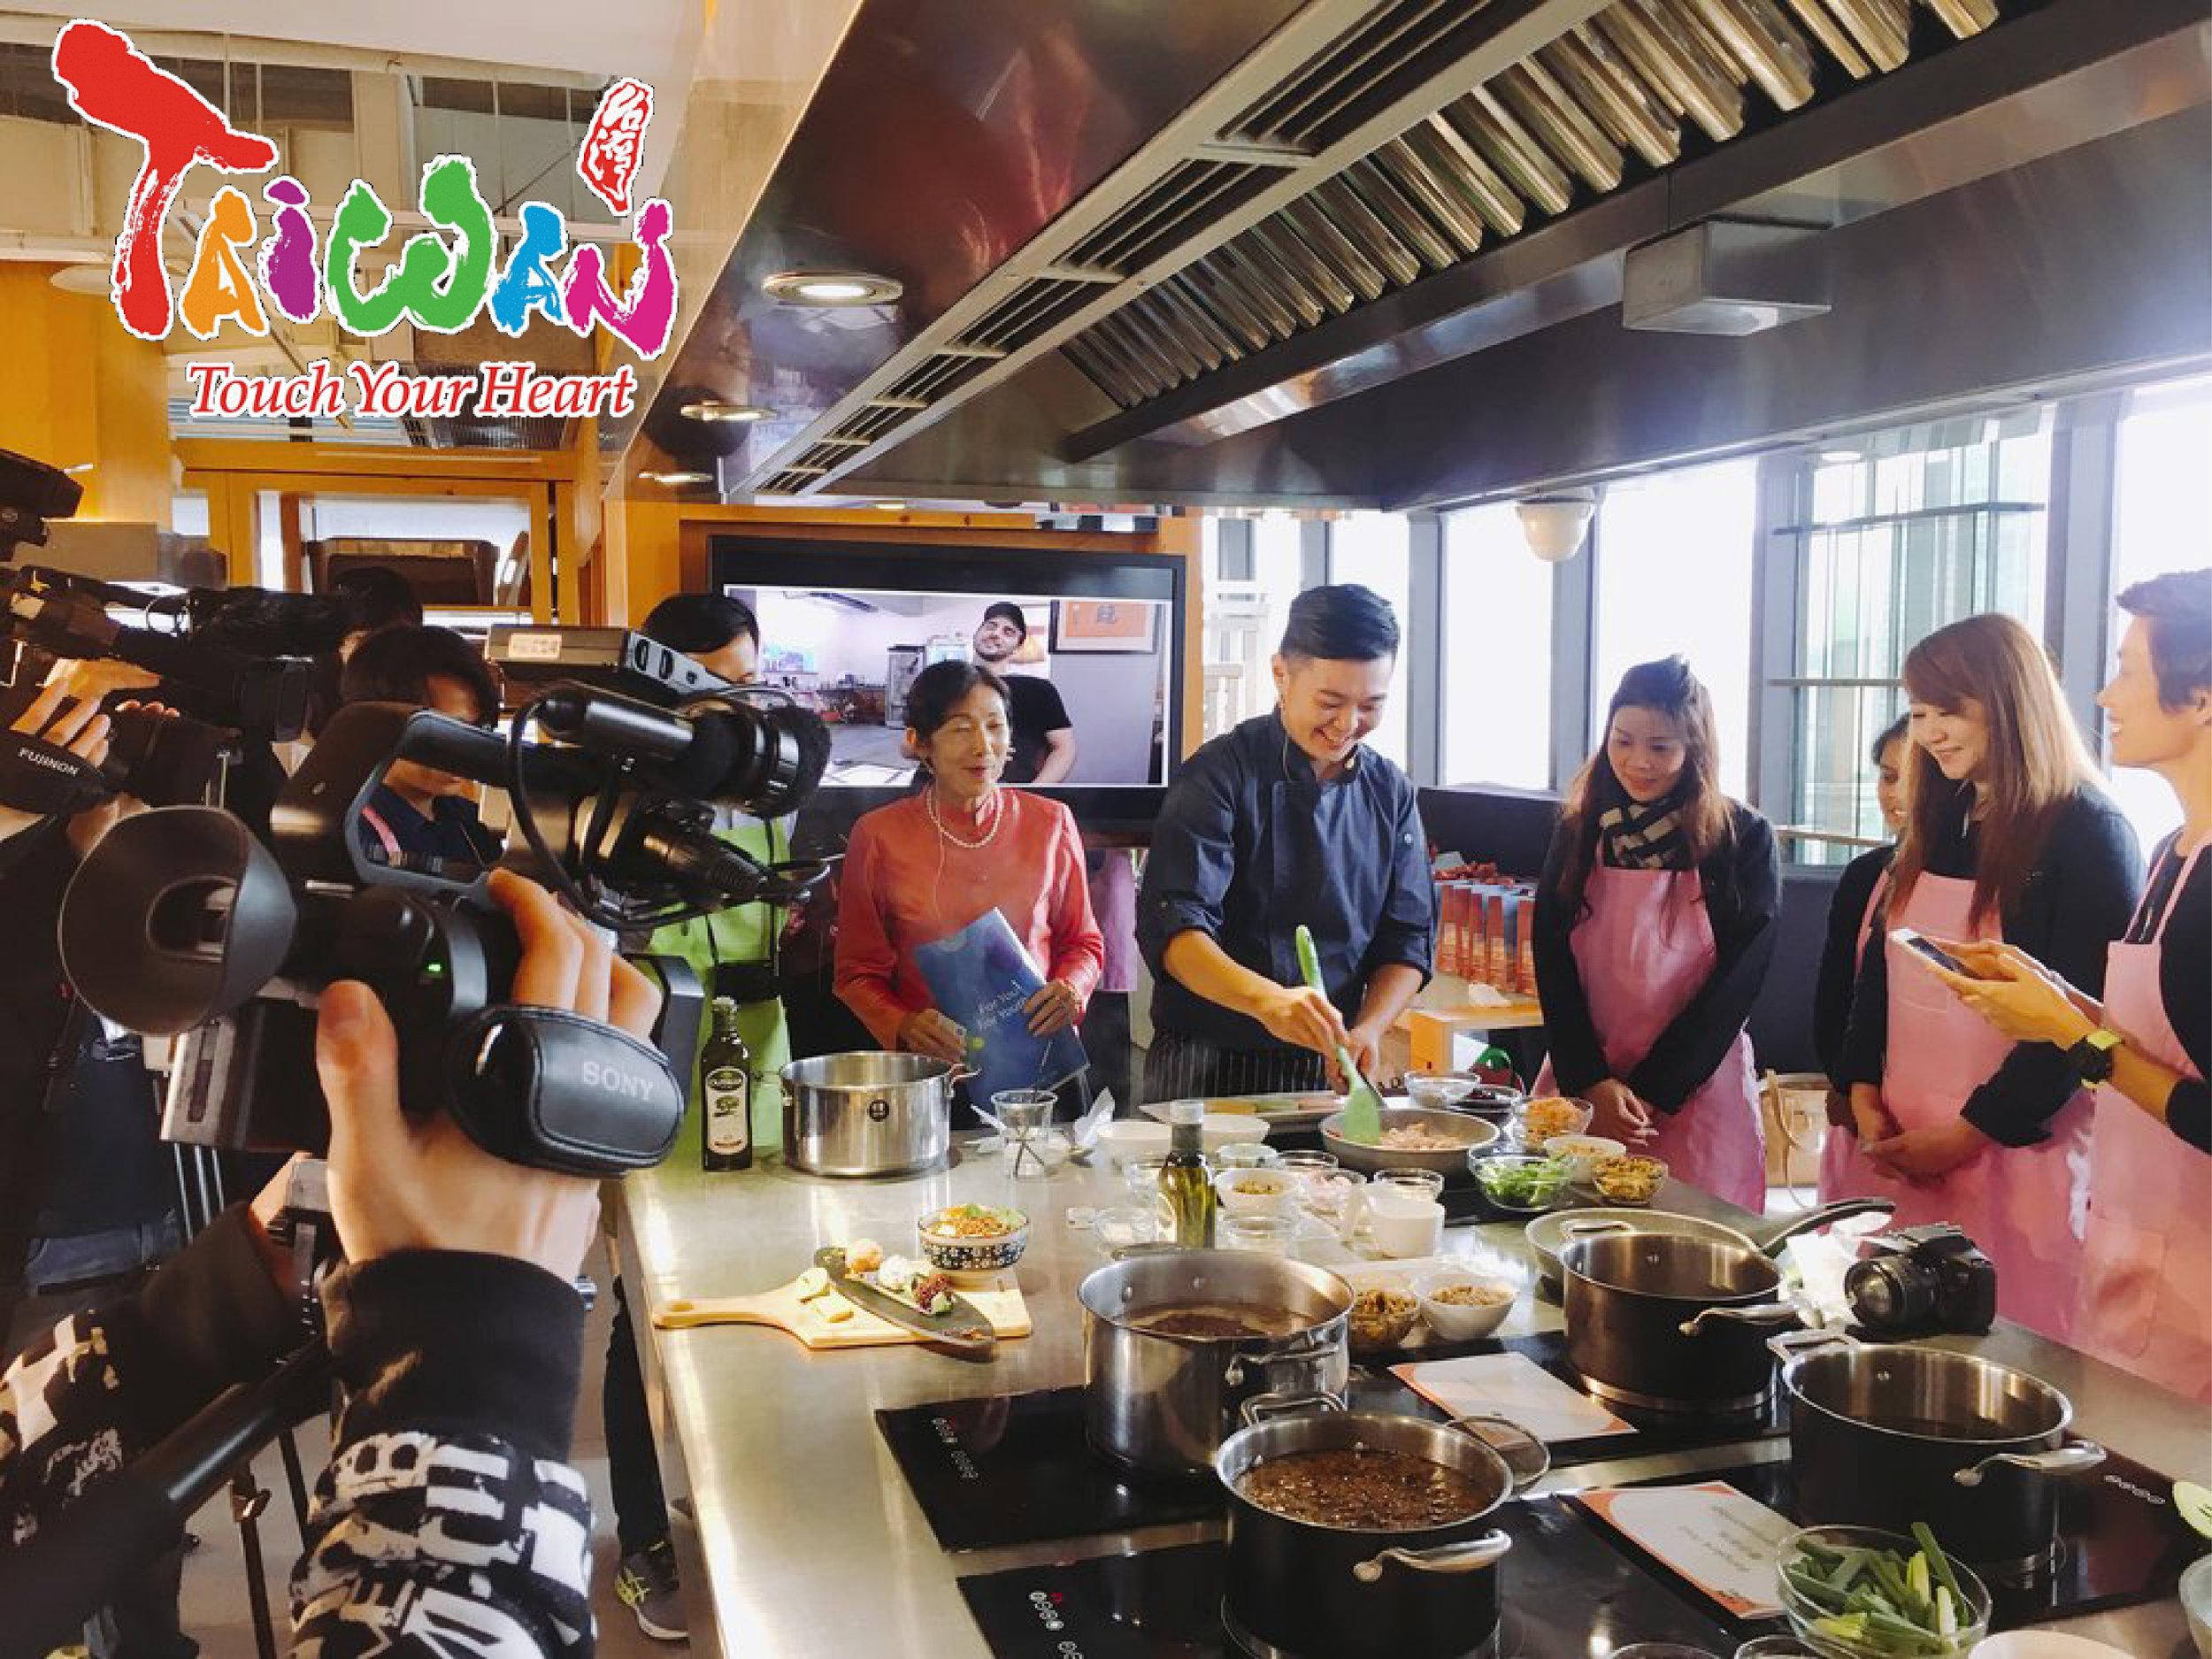 台灣觀光局 x 泰國觀光局 台灣小吃料理教學 - 方冠中